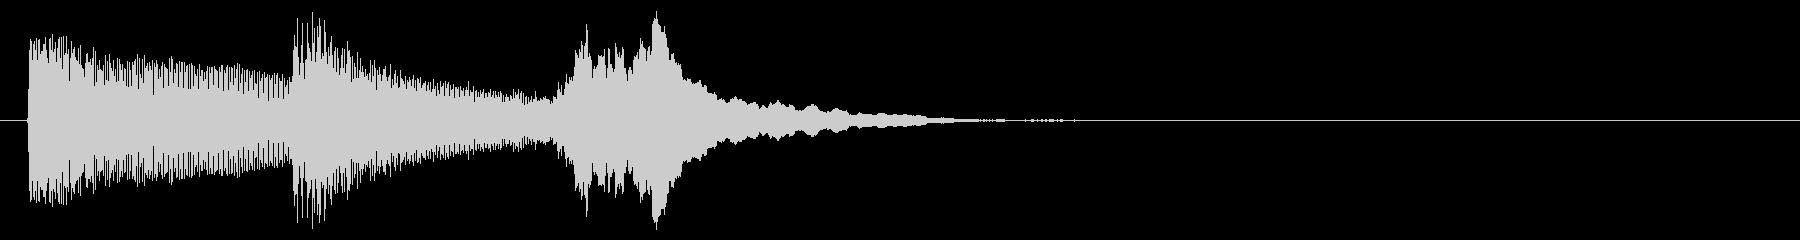 コミカルバングクラッシュホイッスルの未再生の波形